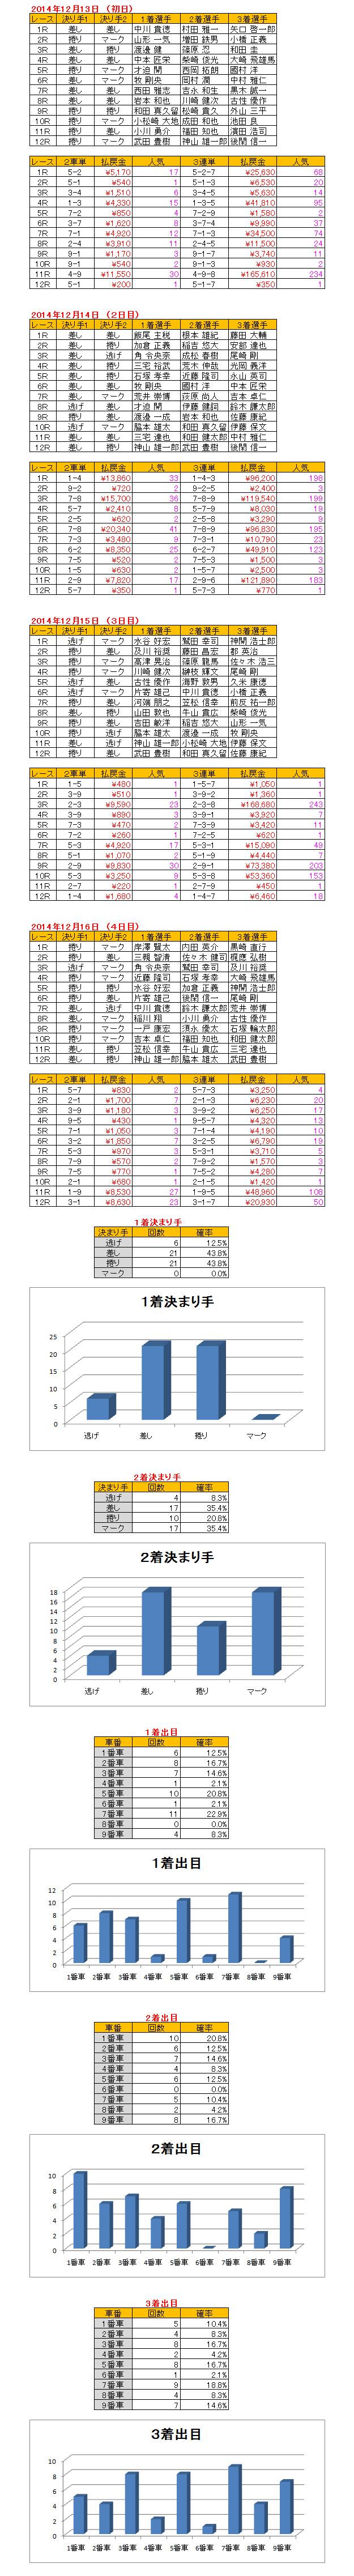 広島(20141213)